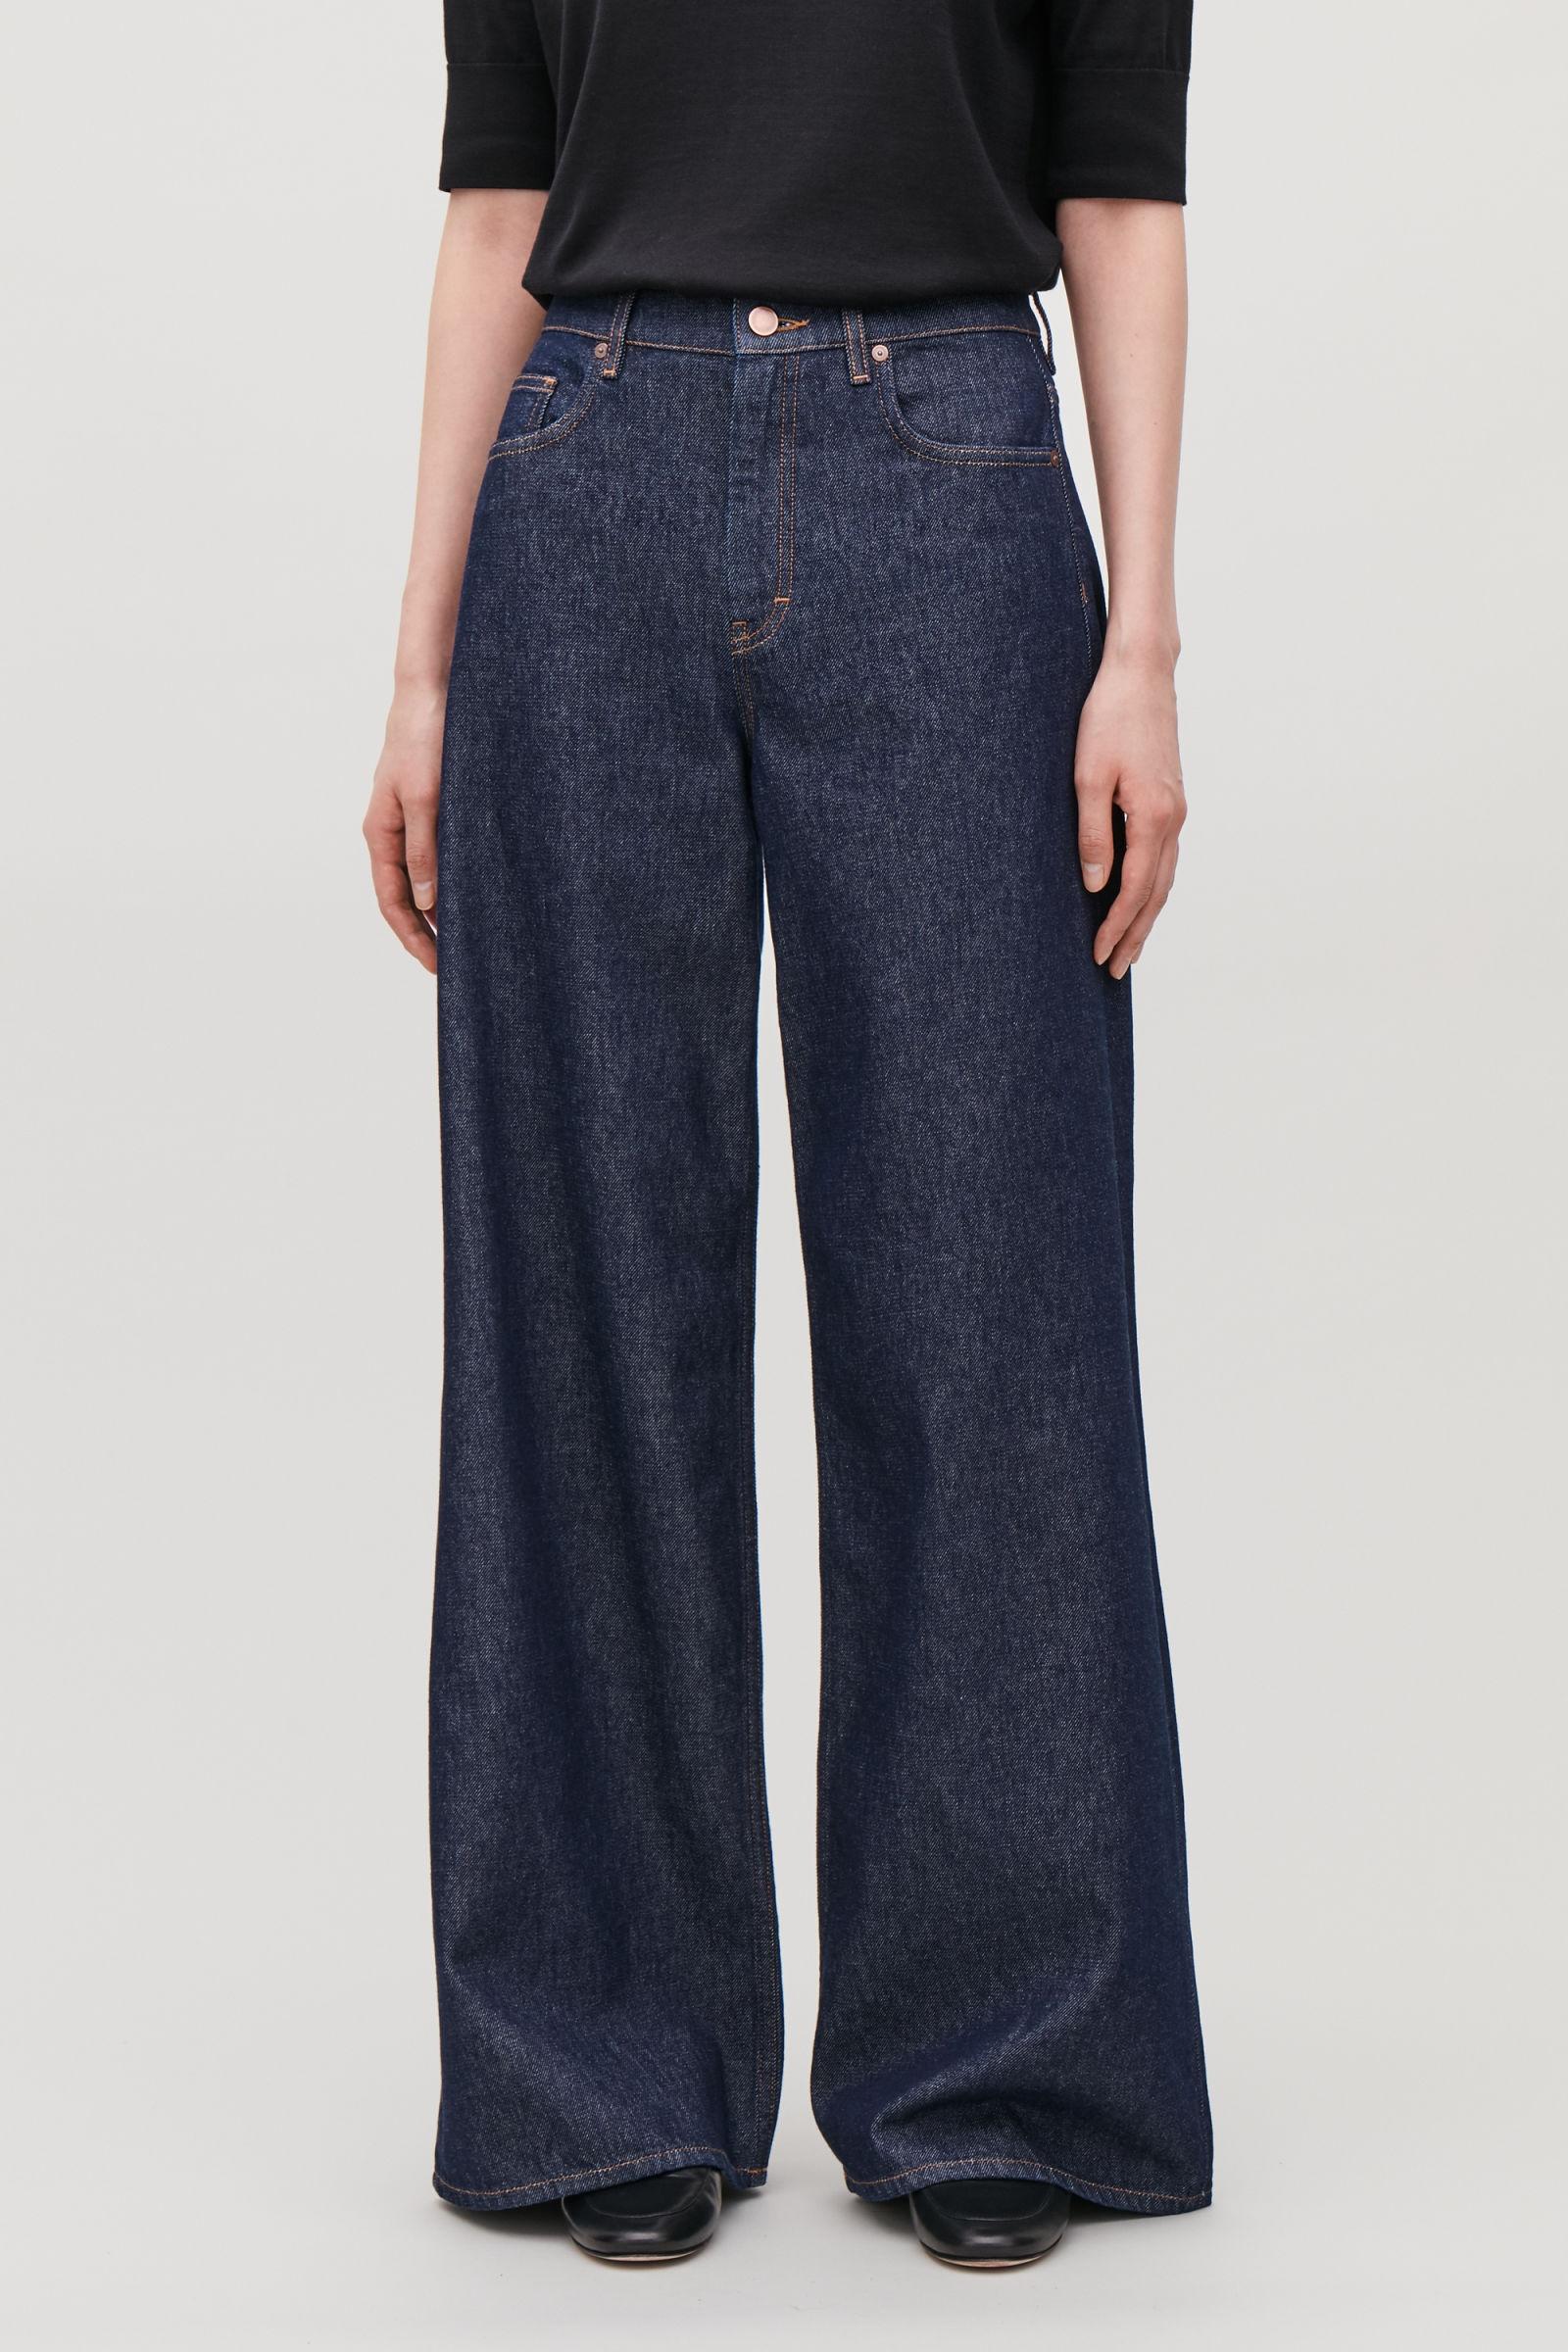 Cos Wide Leg jeans £79